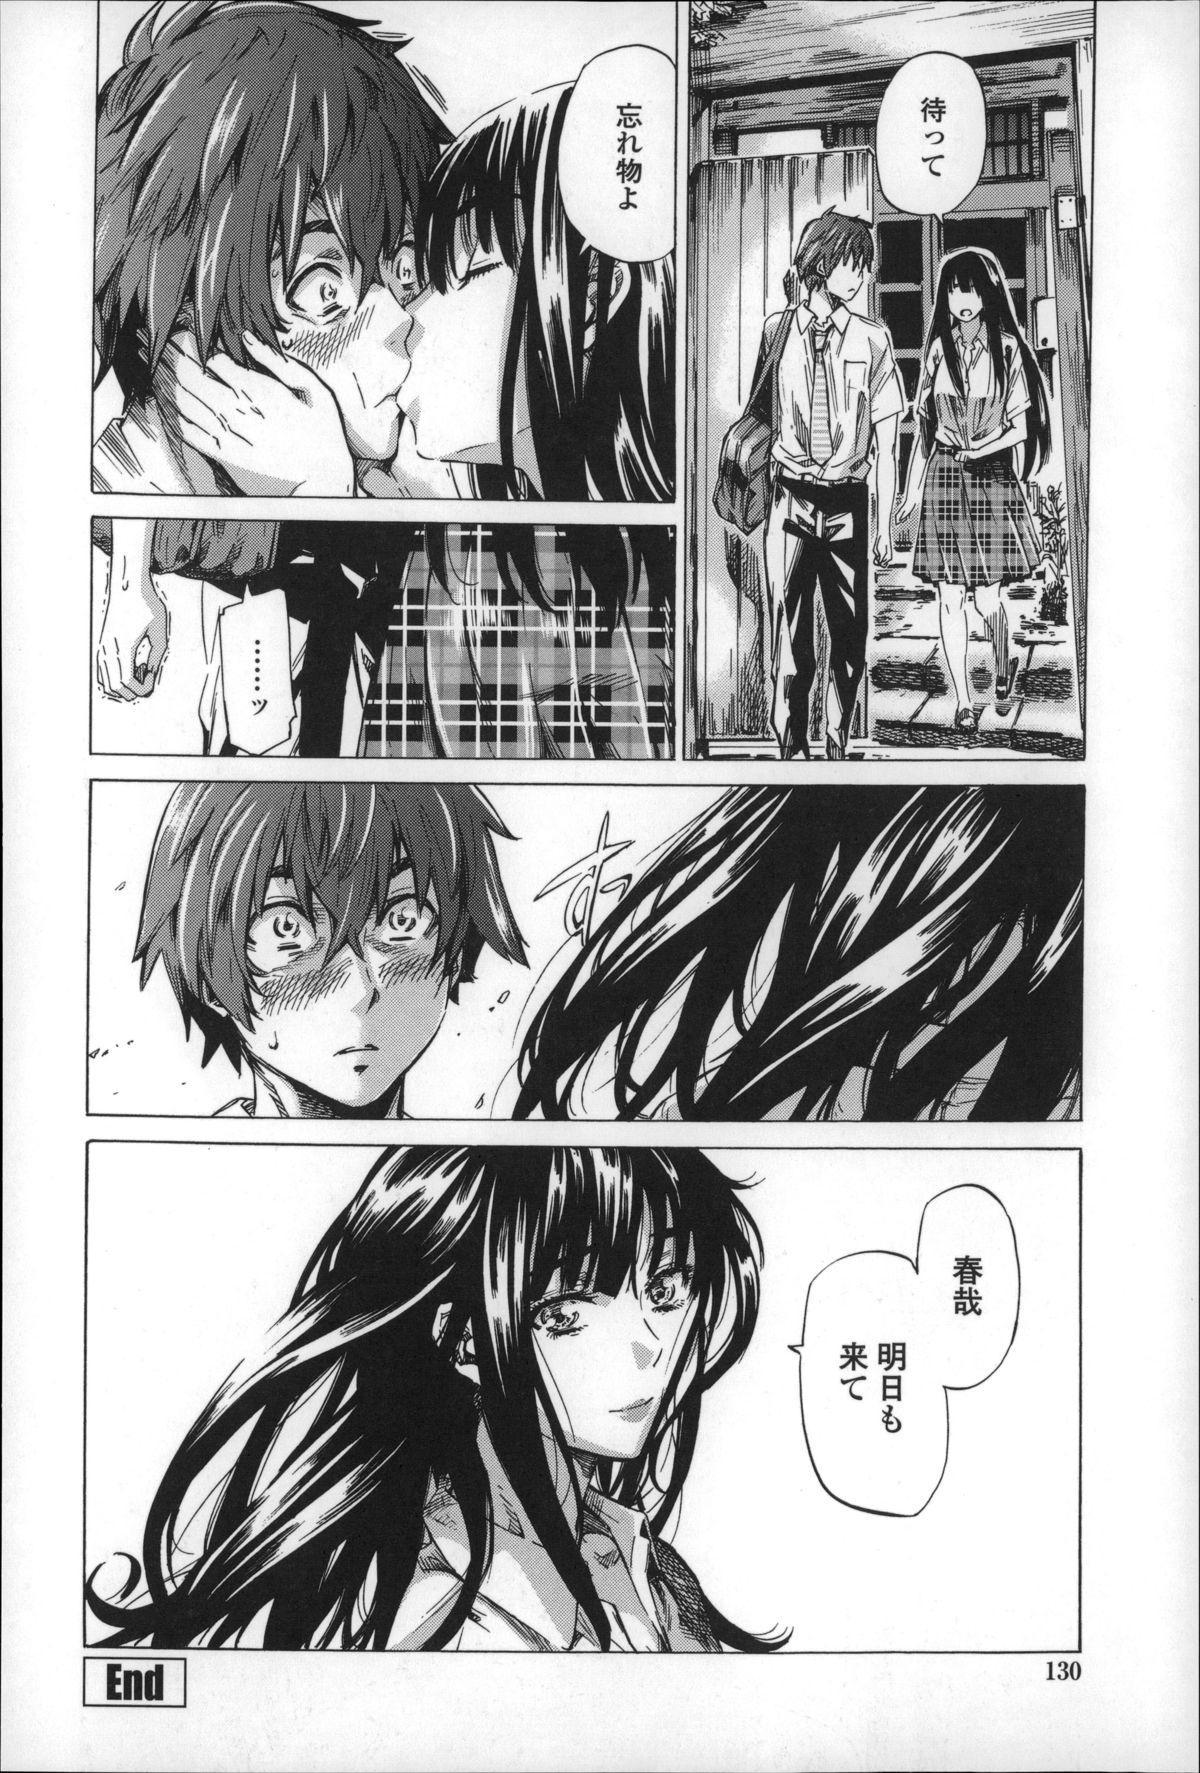 Choushin de Mukuchi no Kanojo ga Hatsujou Shite Kitara Eroiyo ne? 129